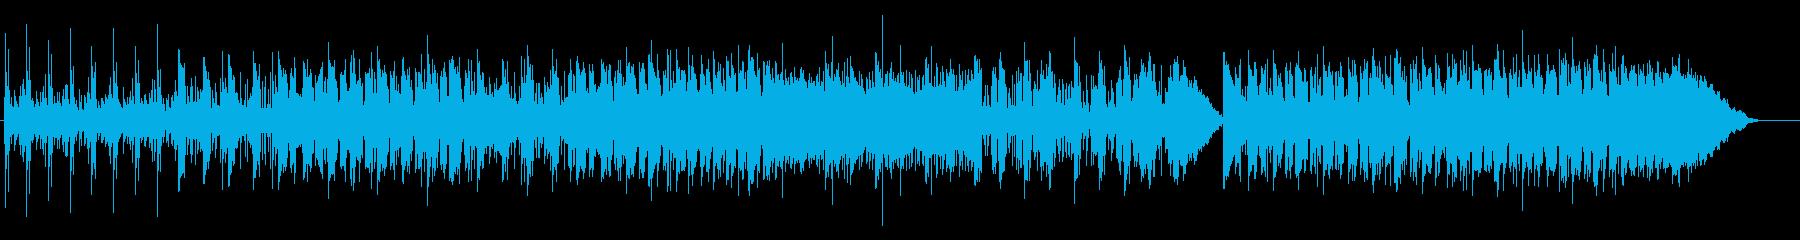 Saxの哀愁あるメロディ。不思議な雰囲気の再生済みの波形